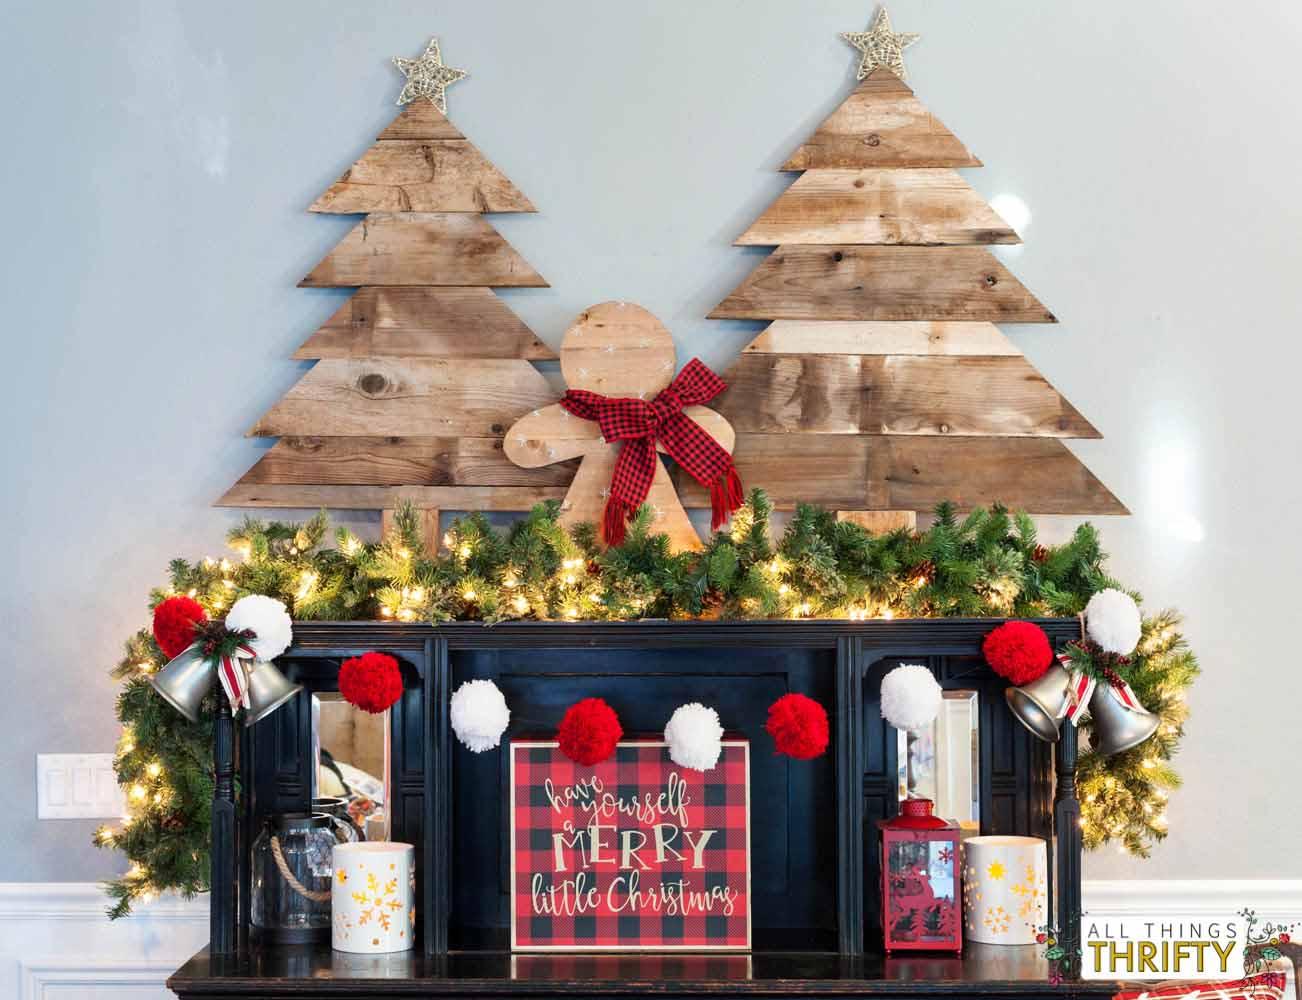 christmas-decor-ideas-with-pom-pom-garland-6-of-6